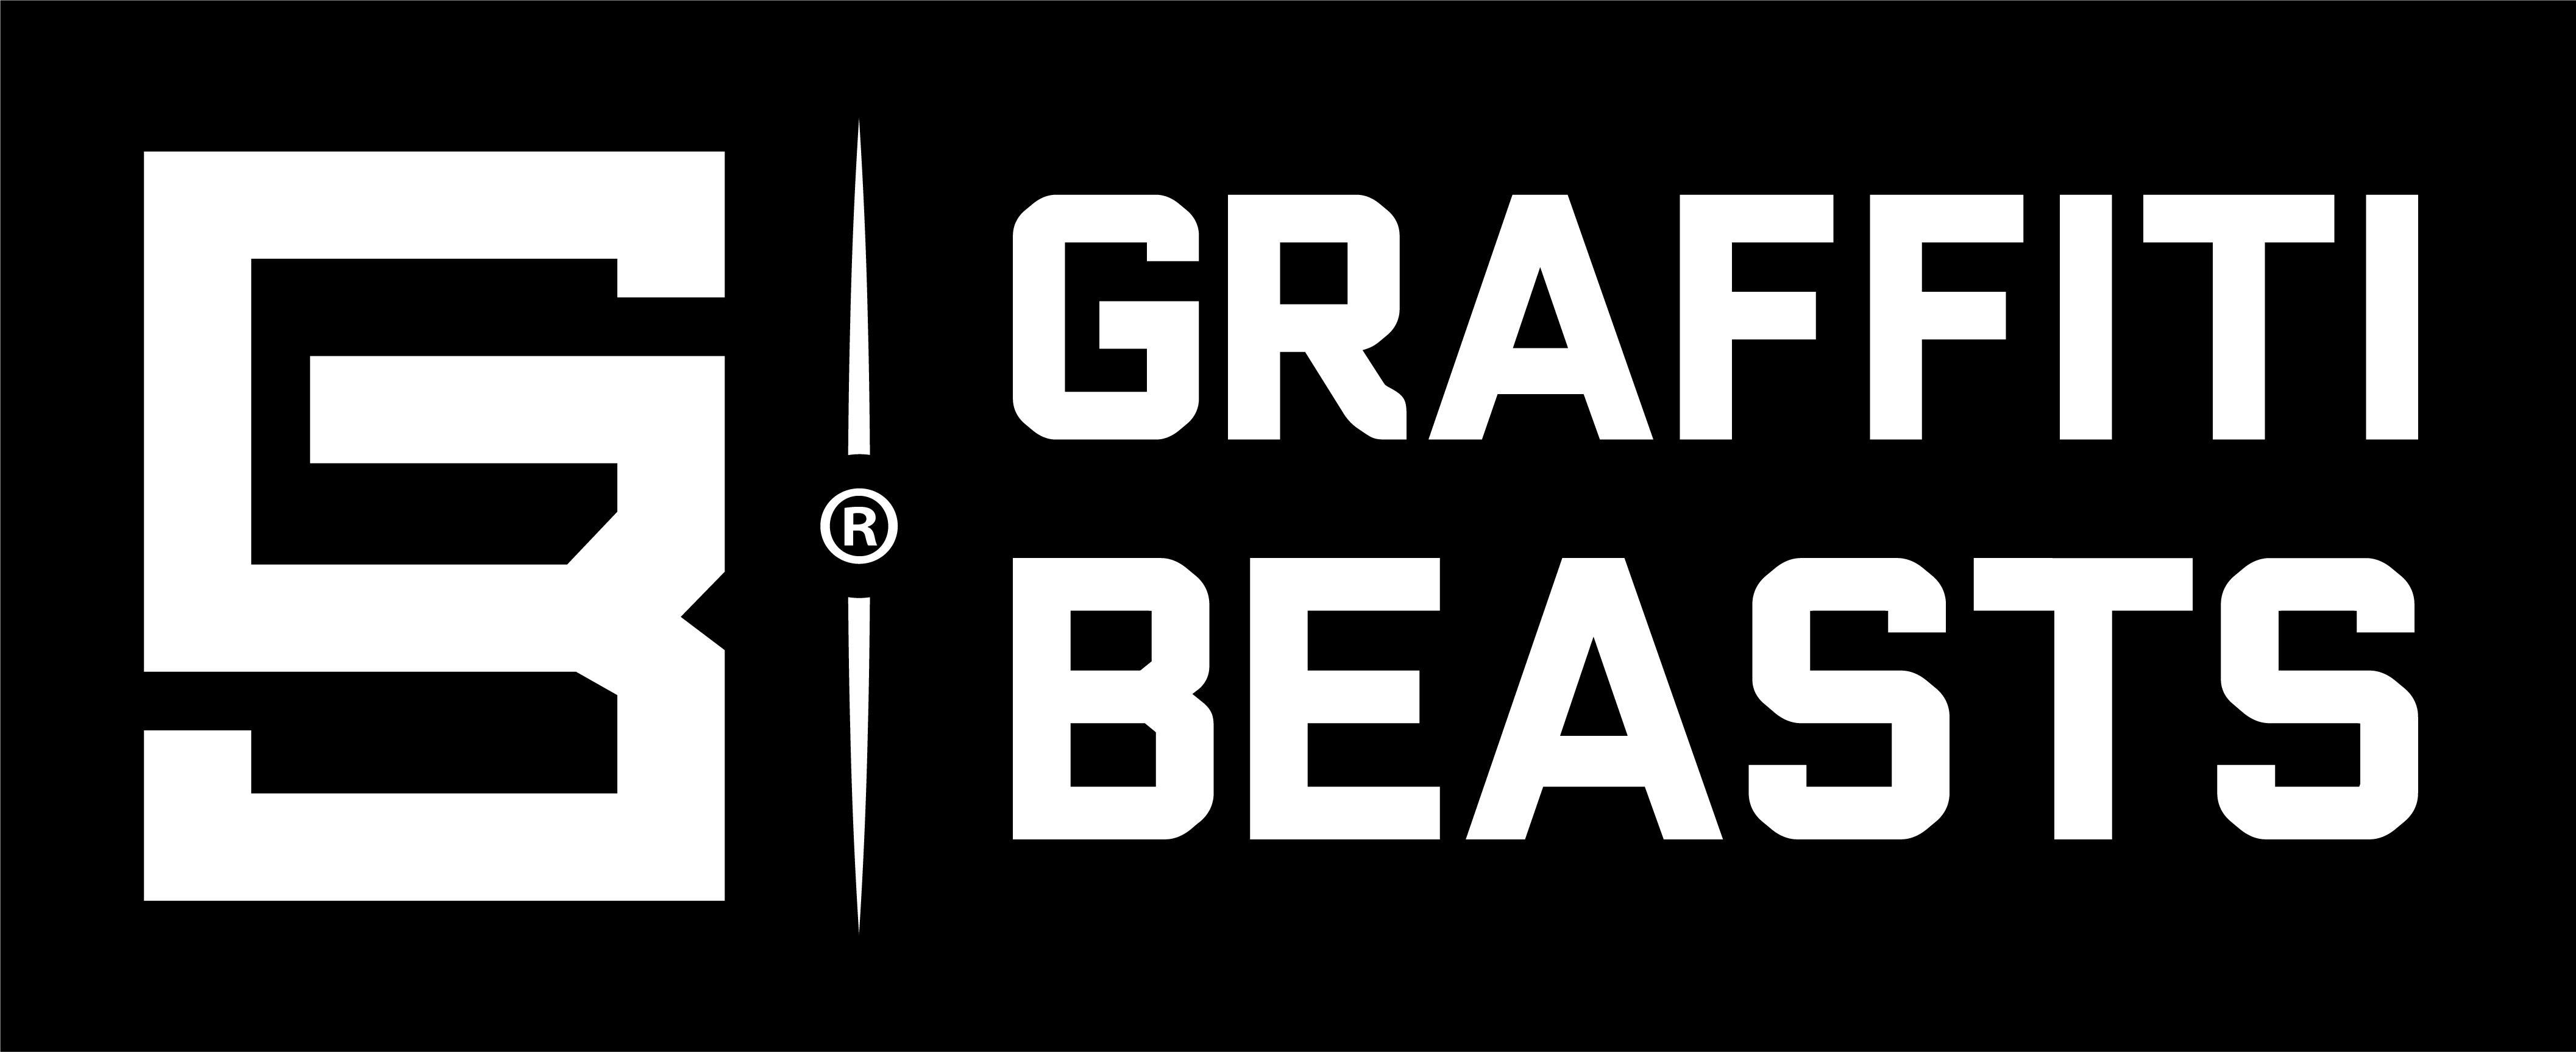 Graffitibeasts Sportmode von den Straßen